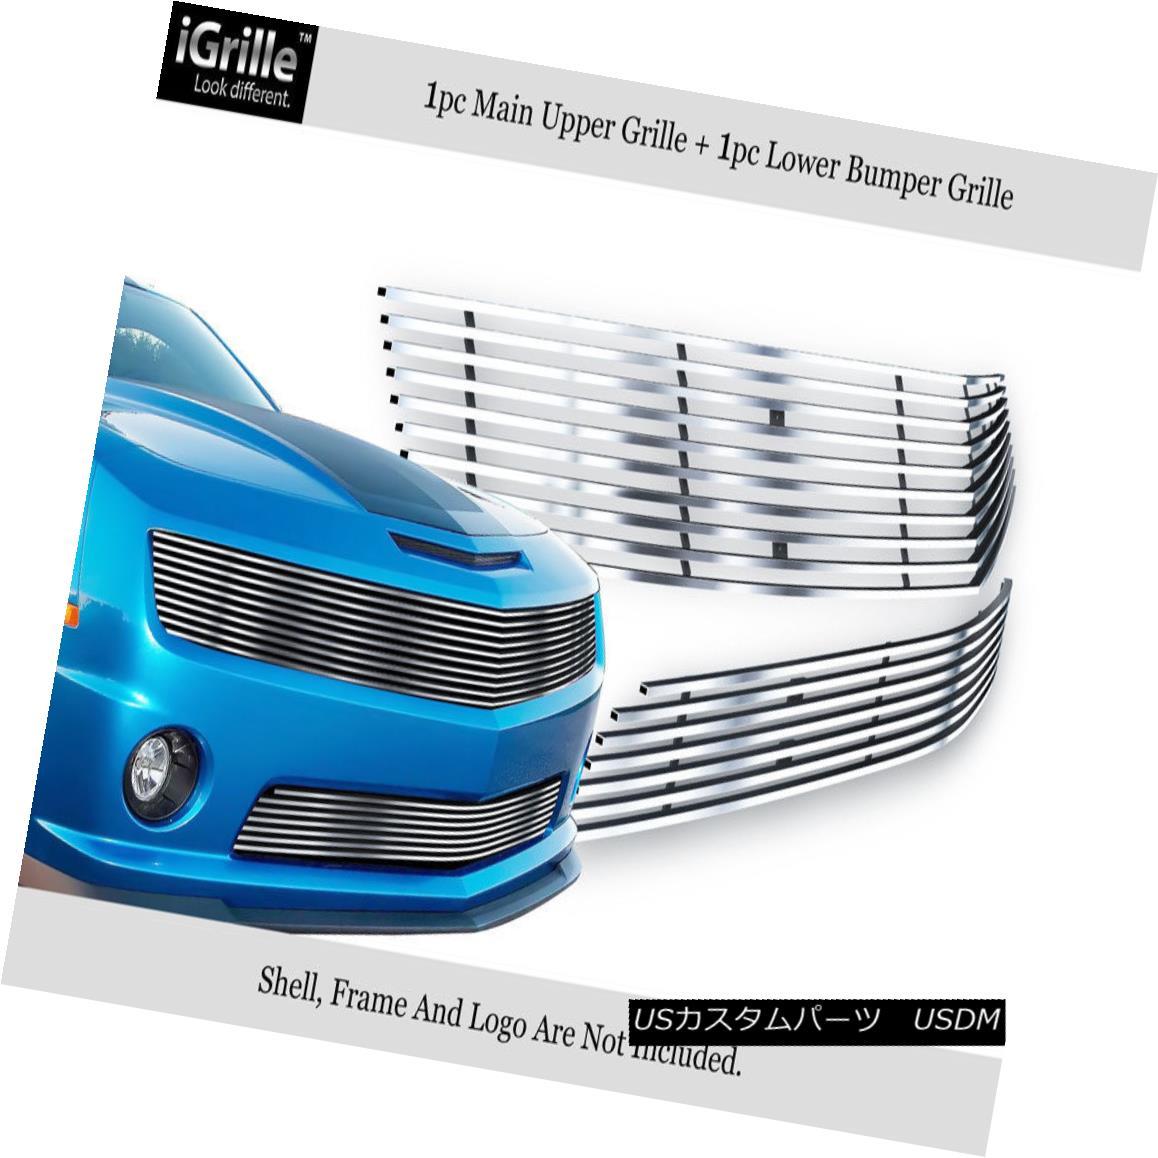 グリル Fits 10-11 Chevy Camaro LT/LS V6 304 Stainless Steel Billet Grille Combo フィット10-11シボレーカマロLT / LS V6 304ステンレス鋼ビレットグリルコンボ